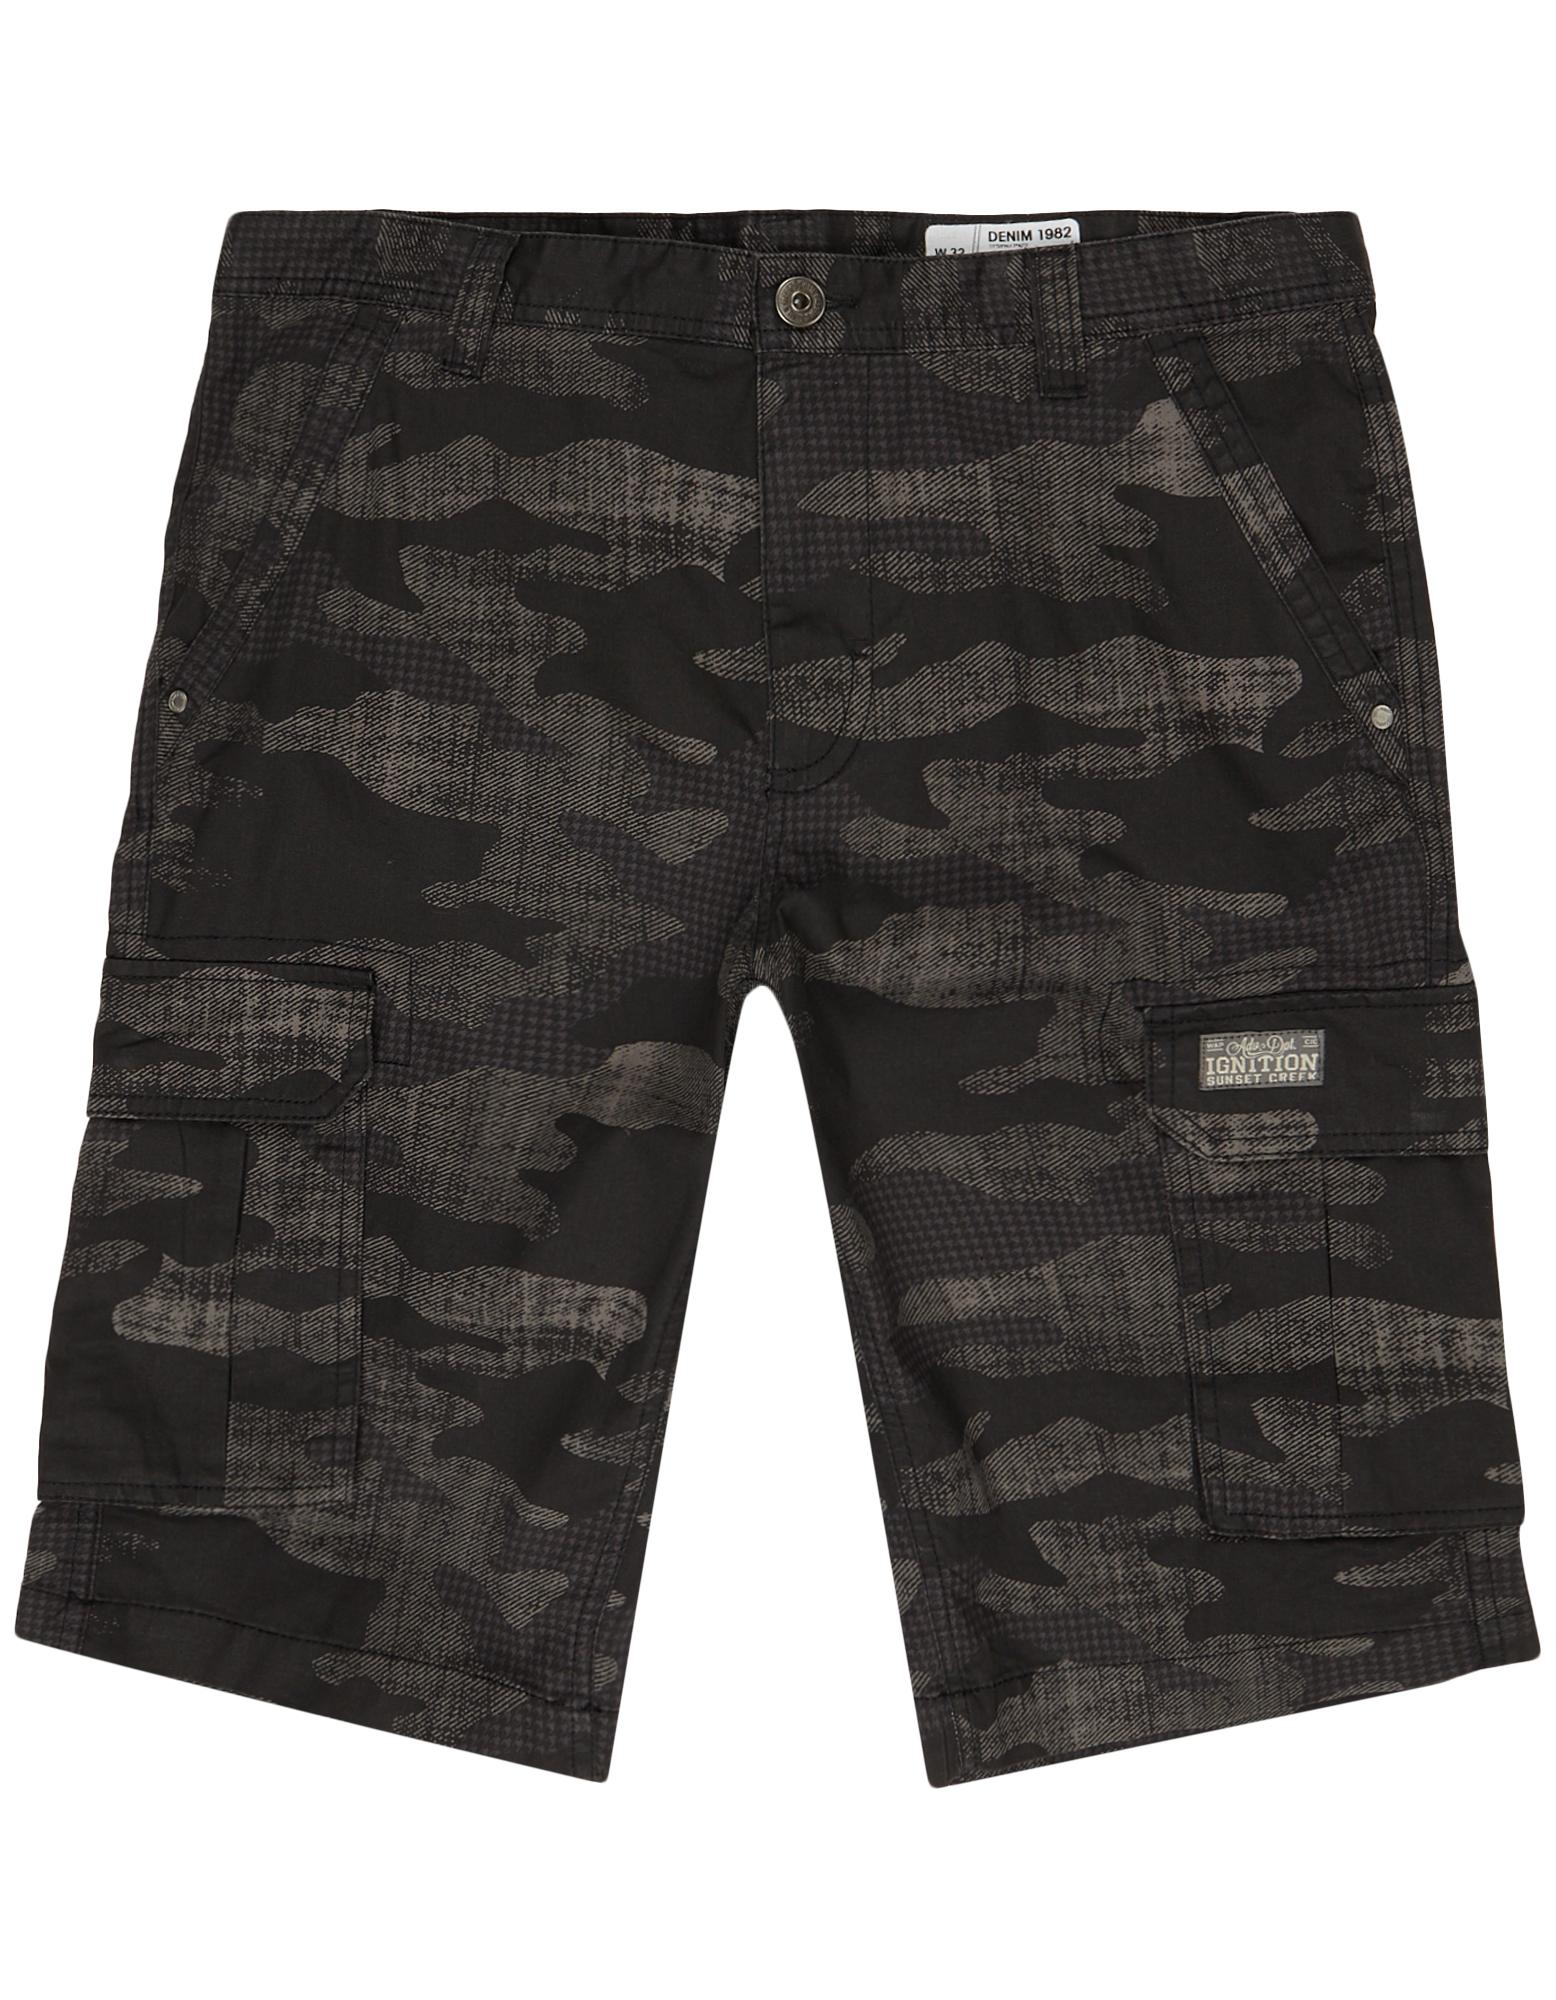 50b1c0d72ed0c Herren Cargo Shorts mit Camouflage-Muster - Takko Fashion